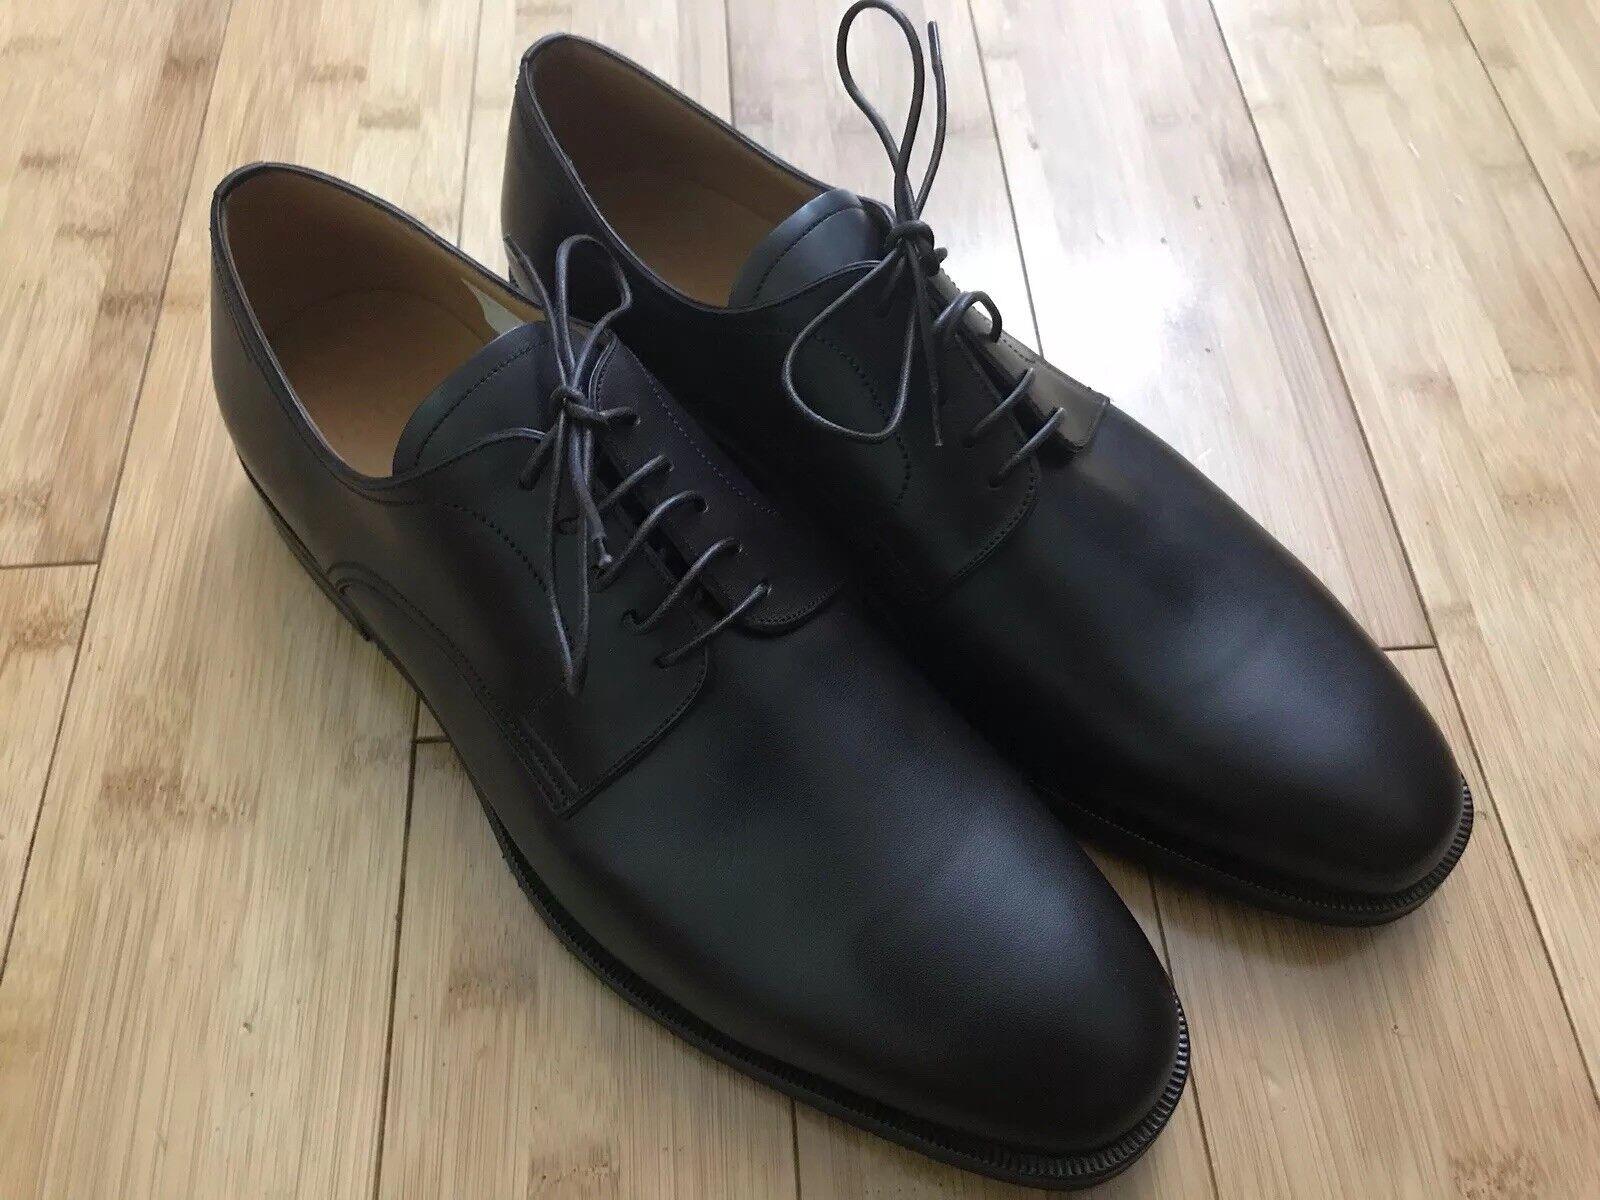 vendite dirette della fabbrica Bally Of Of Of Switzerland Salfano Chocolate Calf Plain Leather scarpe Dimensione 10  negozio di moda in vendita